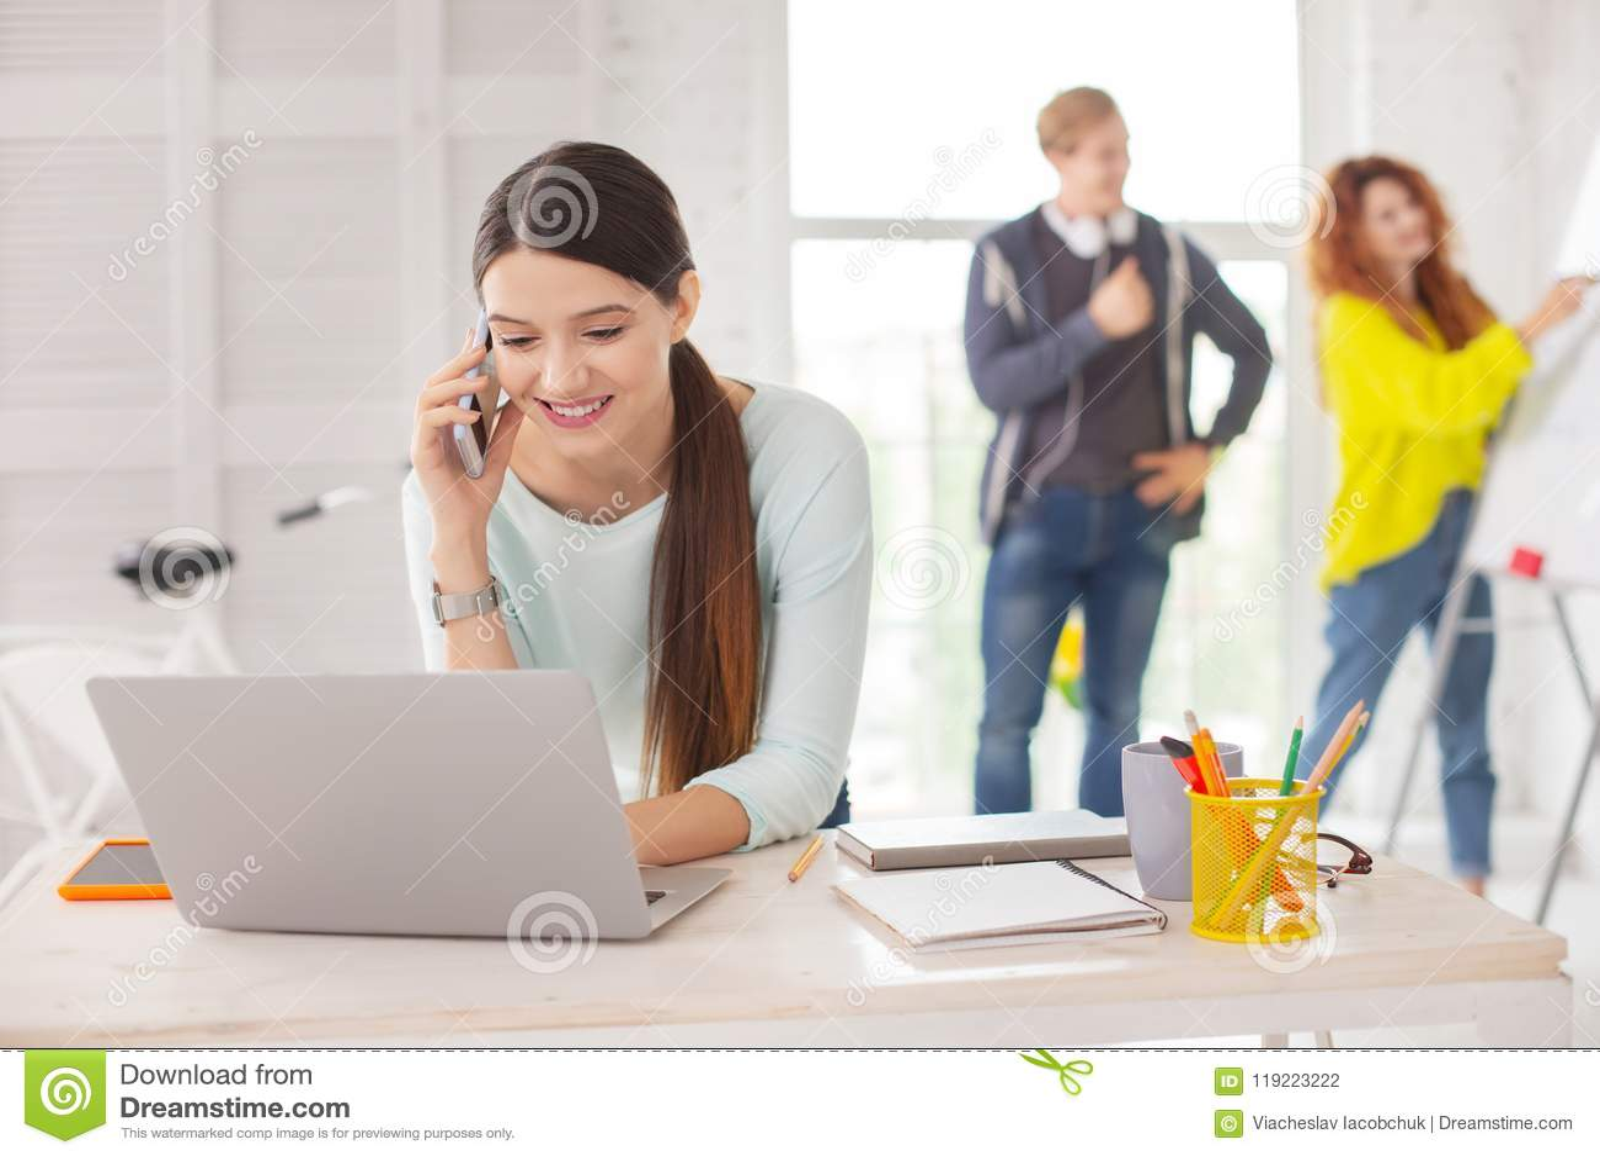 Charmig kvinnlig anställddanandeappell